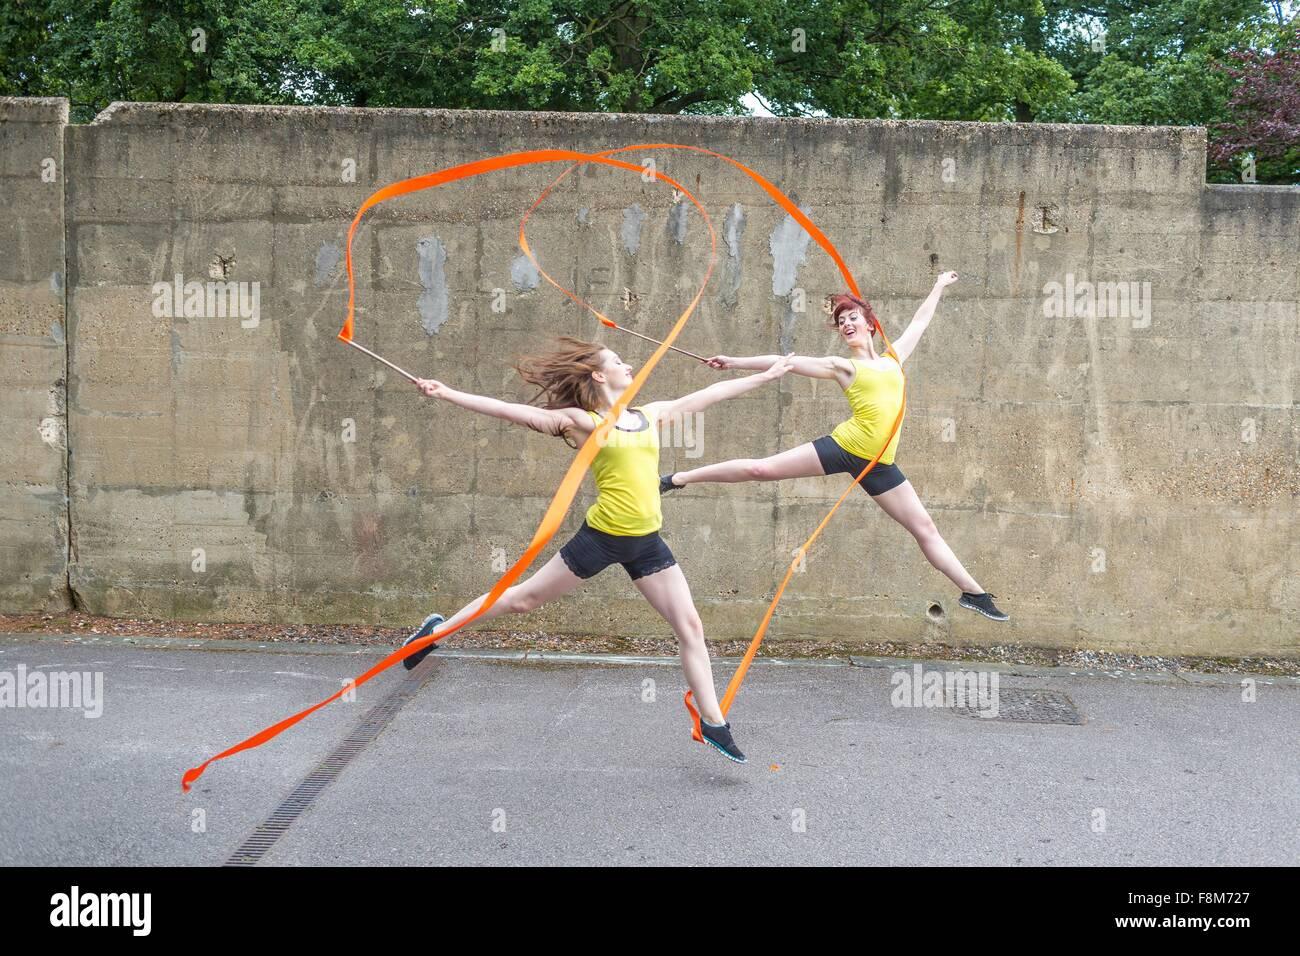 Las mujeres jóvenes practicando en la pista de baile de cinta Imagen De Stock